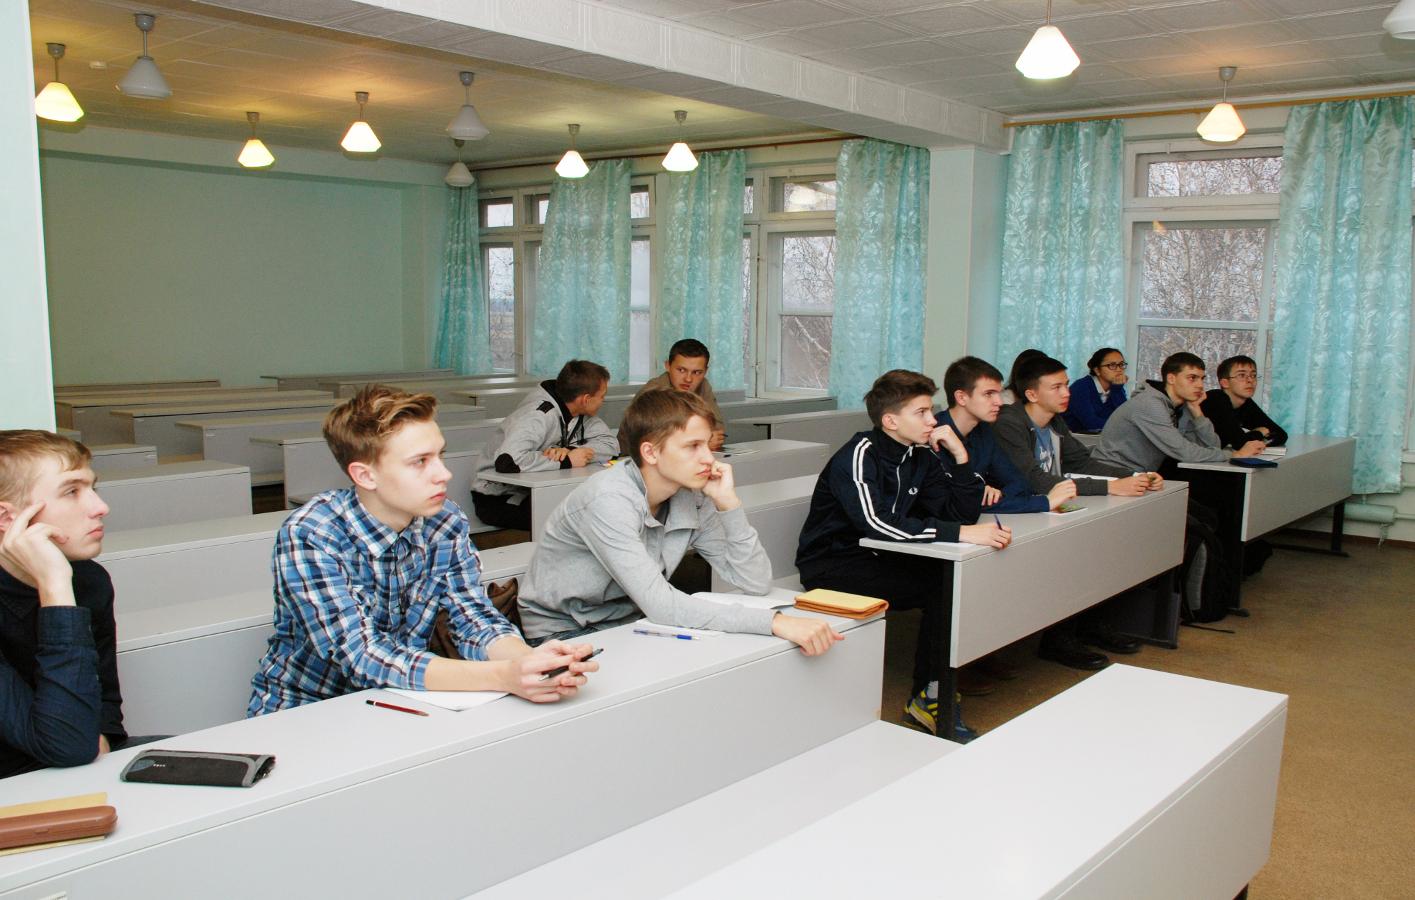 30октября состоится очередное бесплатное занятие поподготовке кмежрегиональной олимпиаде школьников поматематике икриптографии